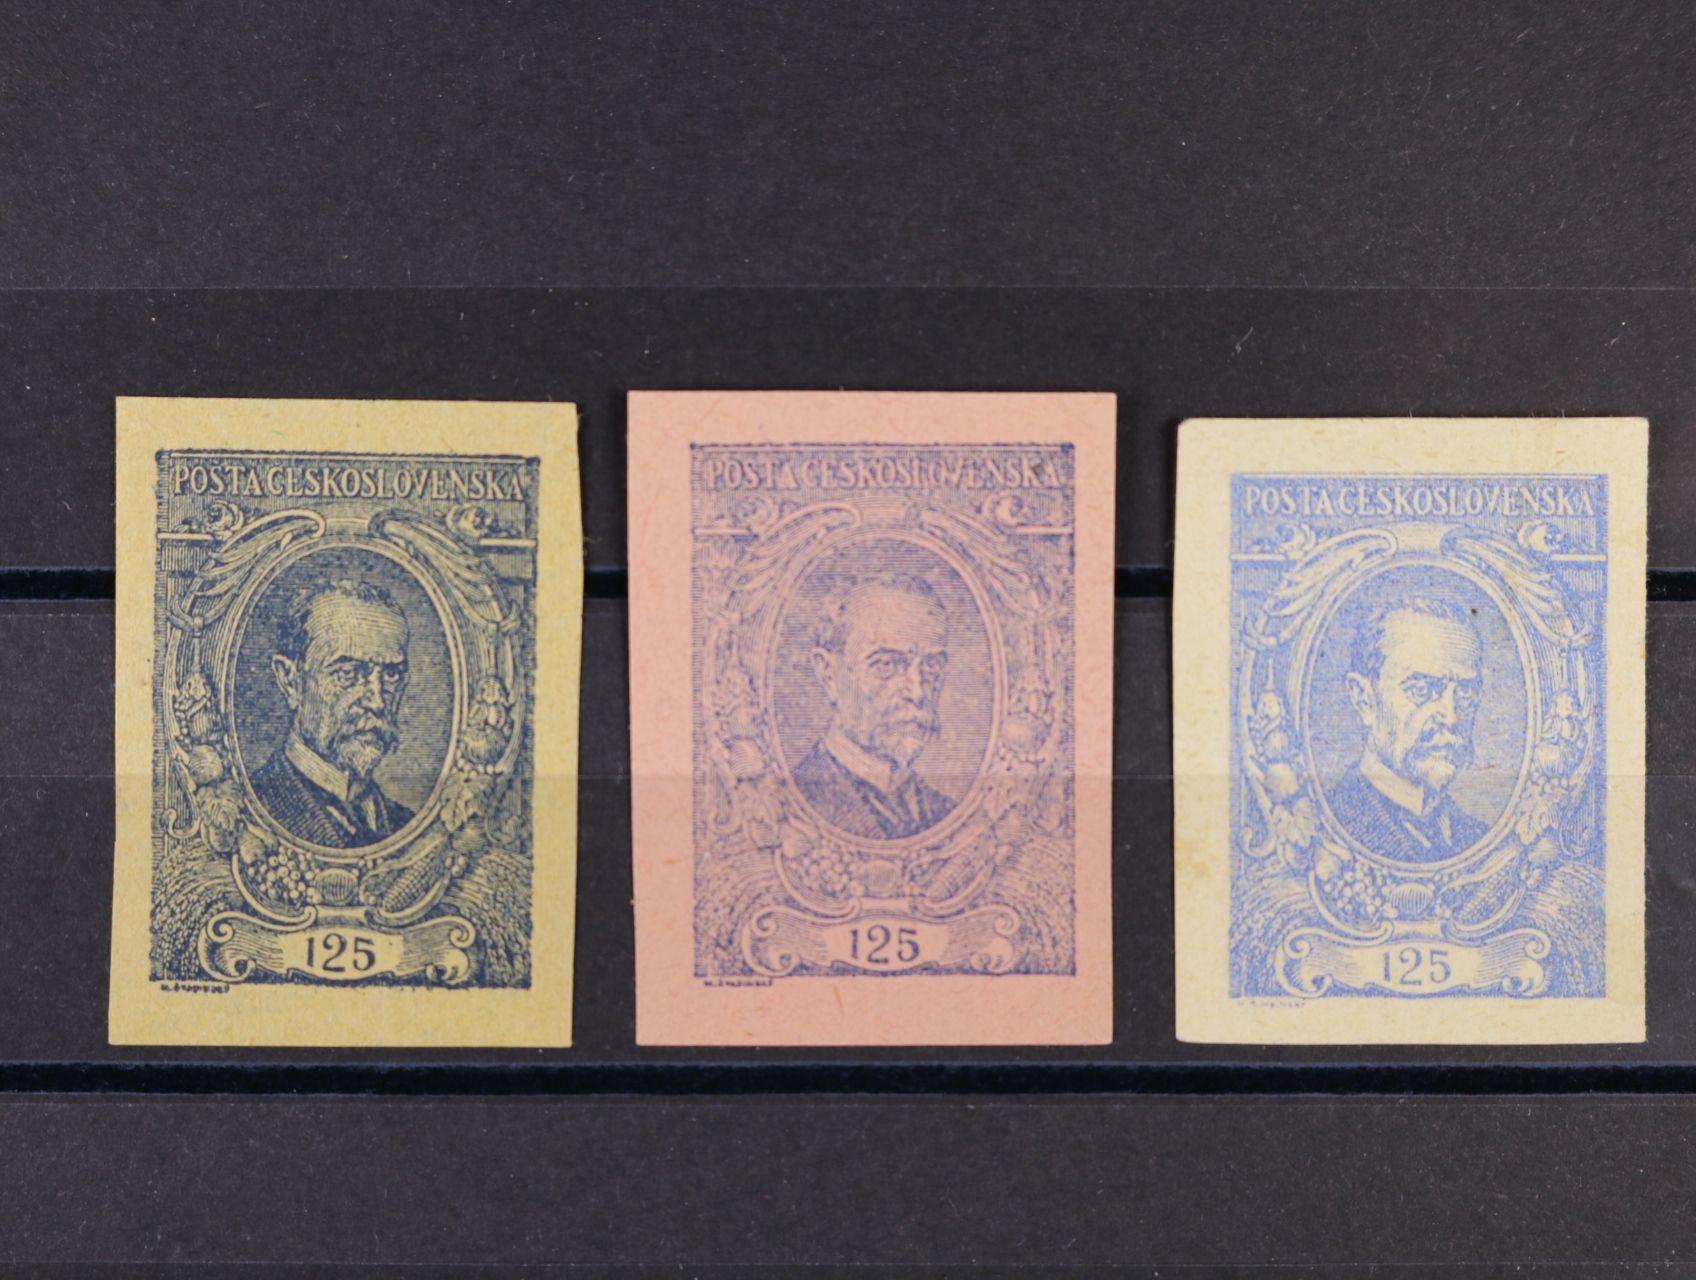 ZT 125h v barvě modré na papíře žlutém, růžovém a bílém